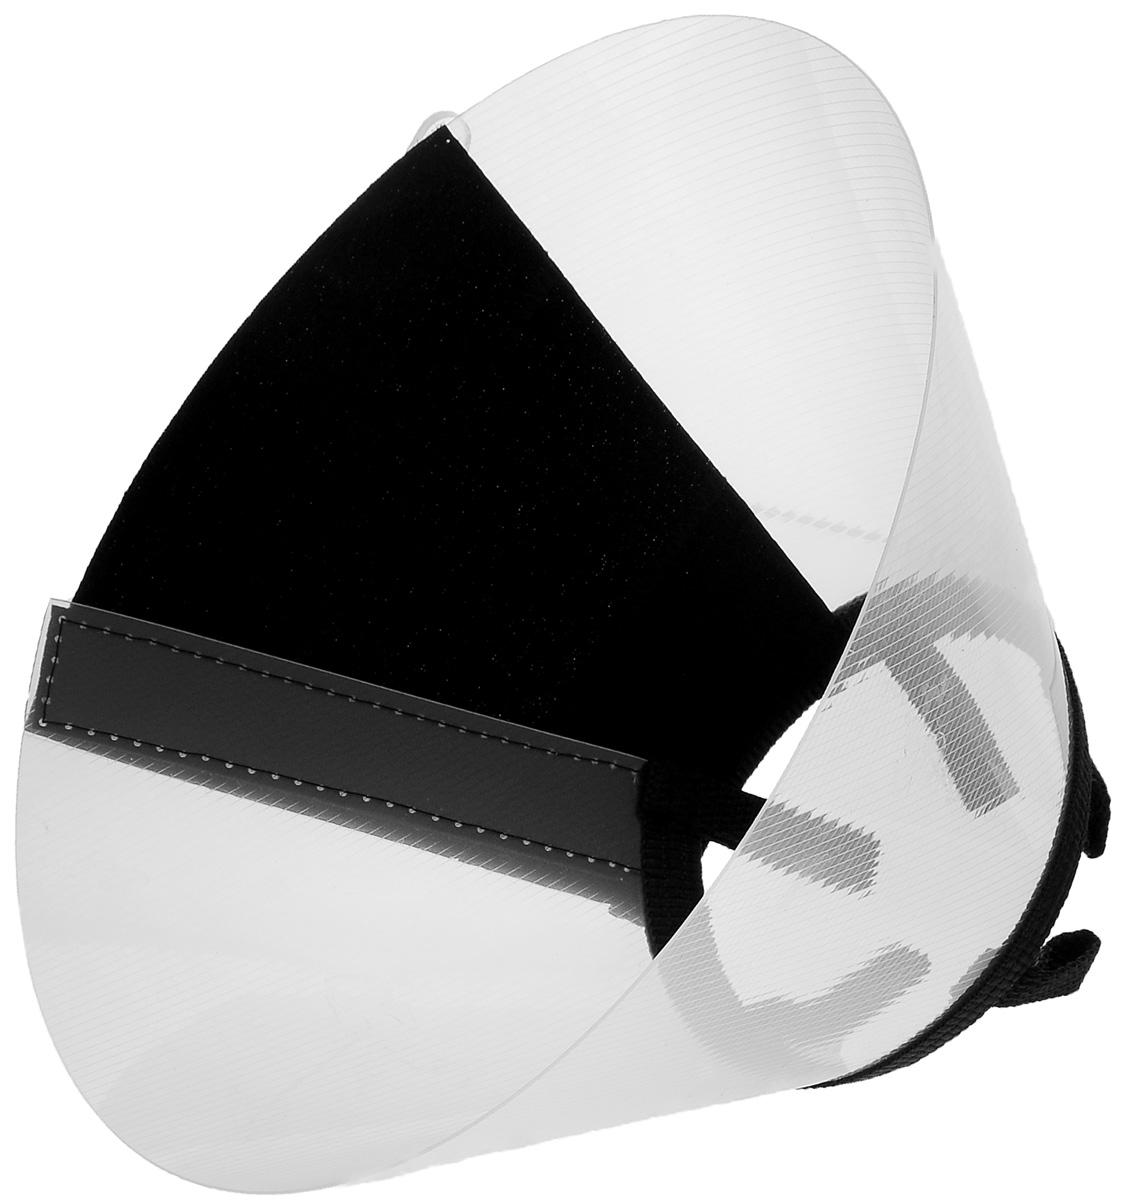 Воротник защитный Талисмед, на липучке, обхват шеи 21-26 см24850Защитный воротник Талисмед изготовлен из высококачественного нетоксичного пластика, который позволяет сохранять углы обзора для животного. Изделие разработано для ограничения доступа собаки к заживающей ране или послеоперационному шву. Простота в эксплуатации позволяет хозяевам самостоятельно одевать и снимать защитный воротник с собаки. Воротник крепится закрепляется при помощи липучки. Обхват шеи: 21-26 см. Высота воротника: 8 см.